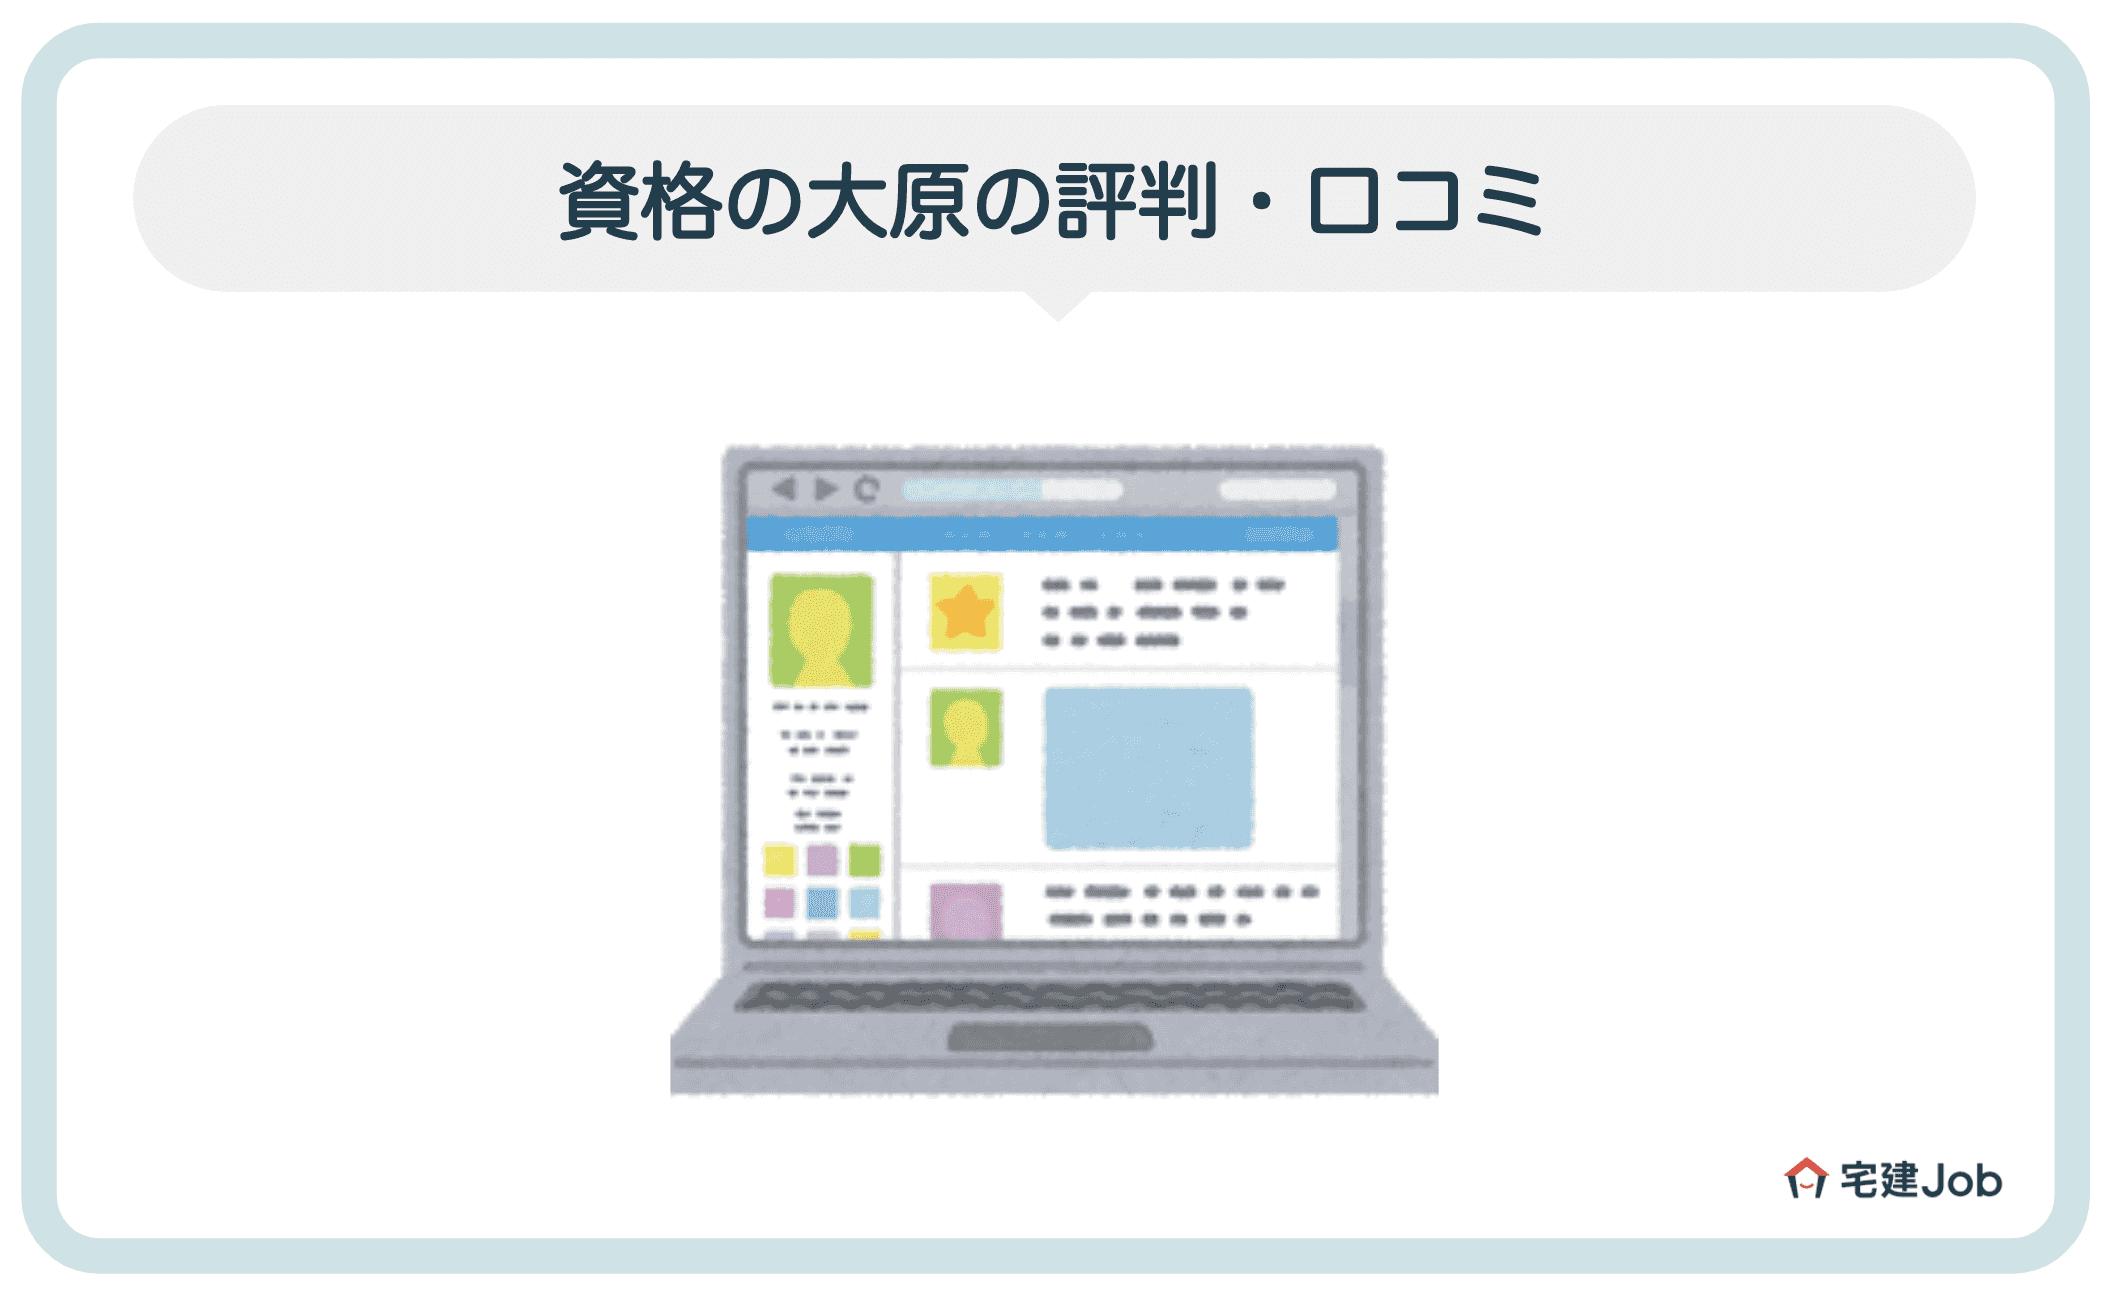 4.大原の宅建講座の評判・口コミ